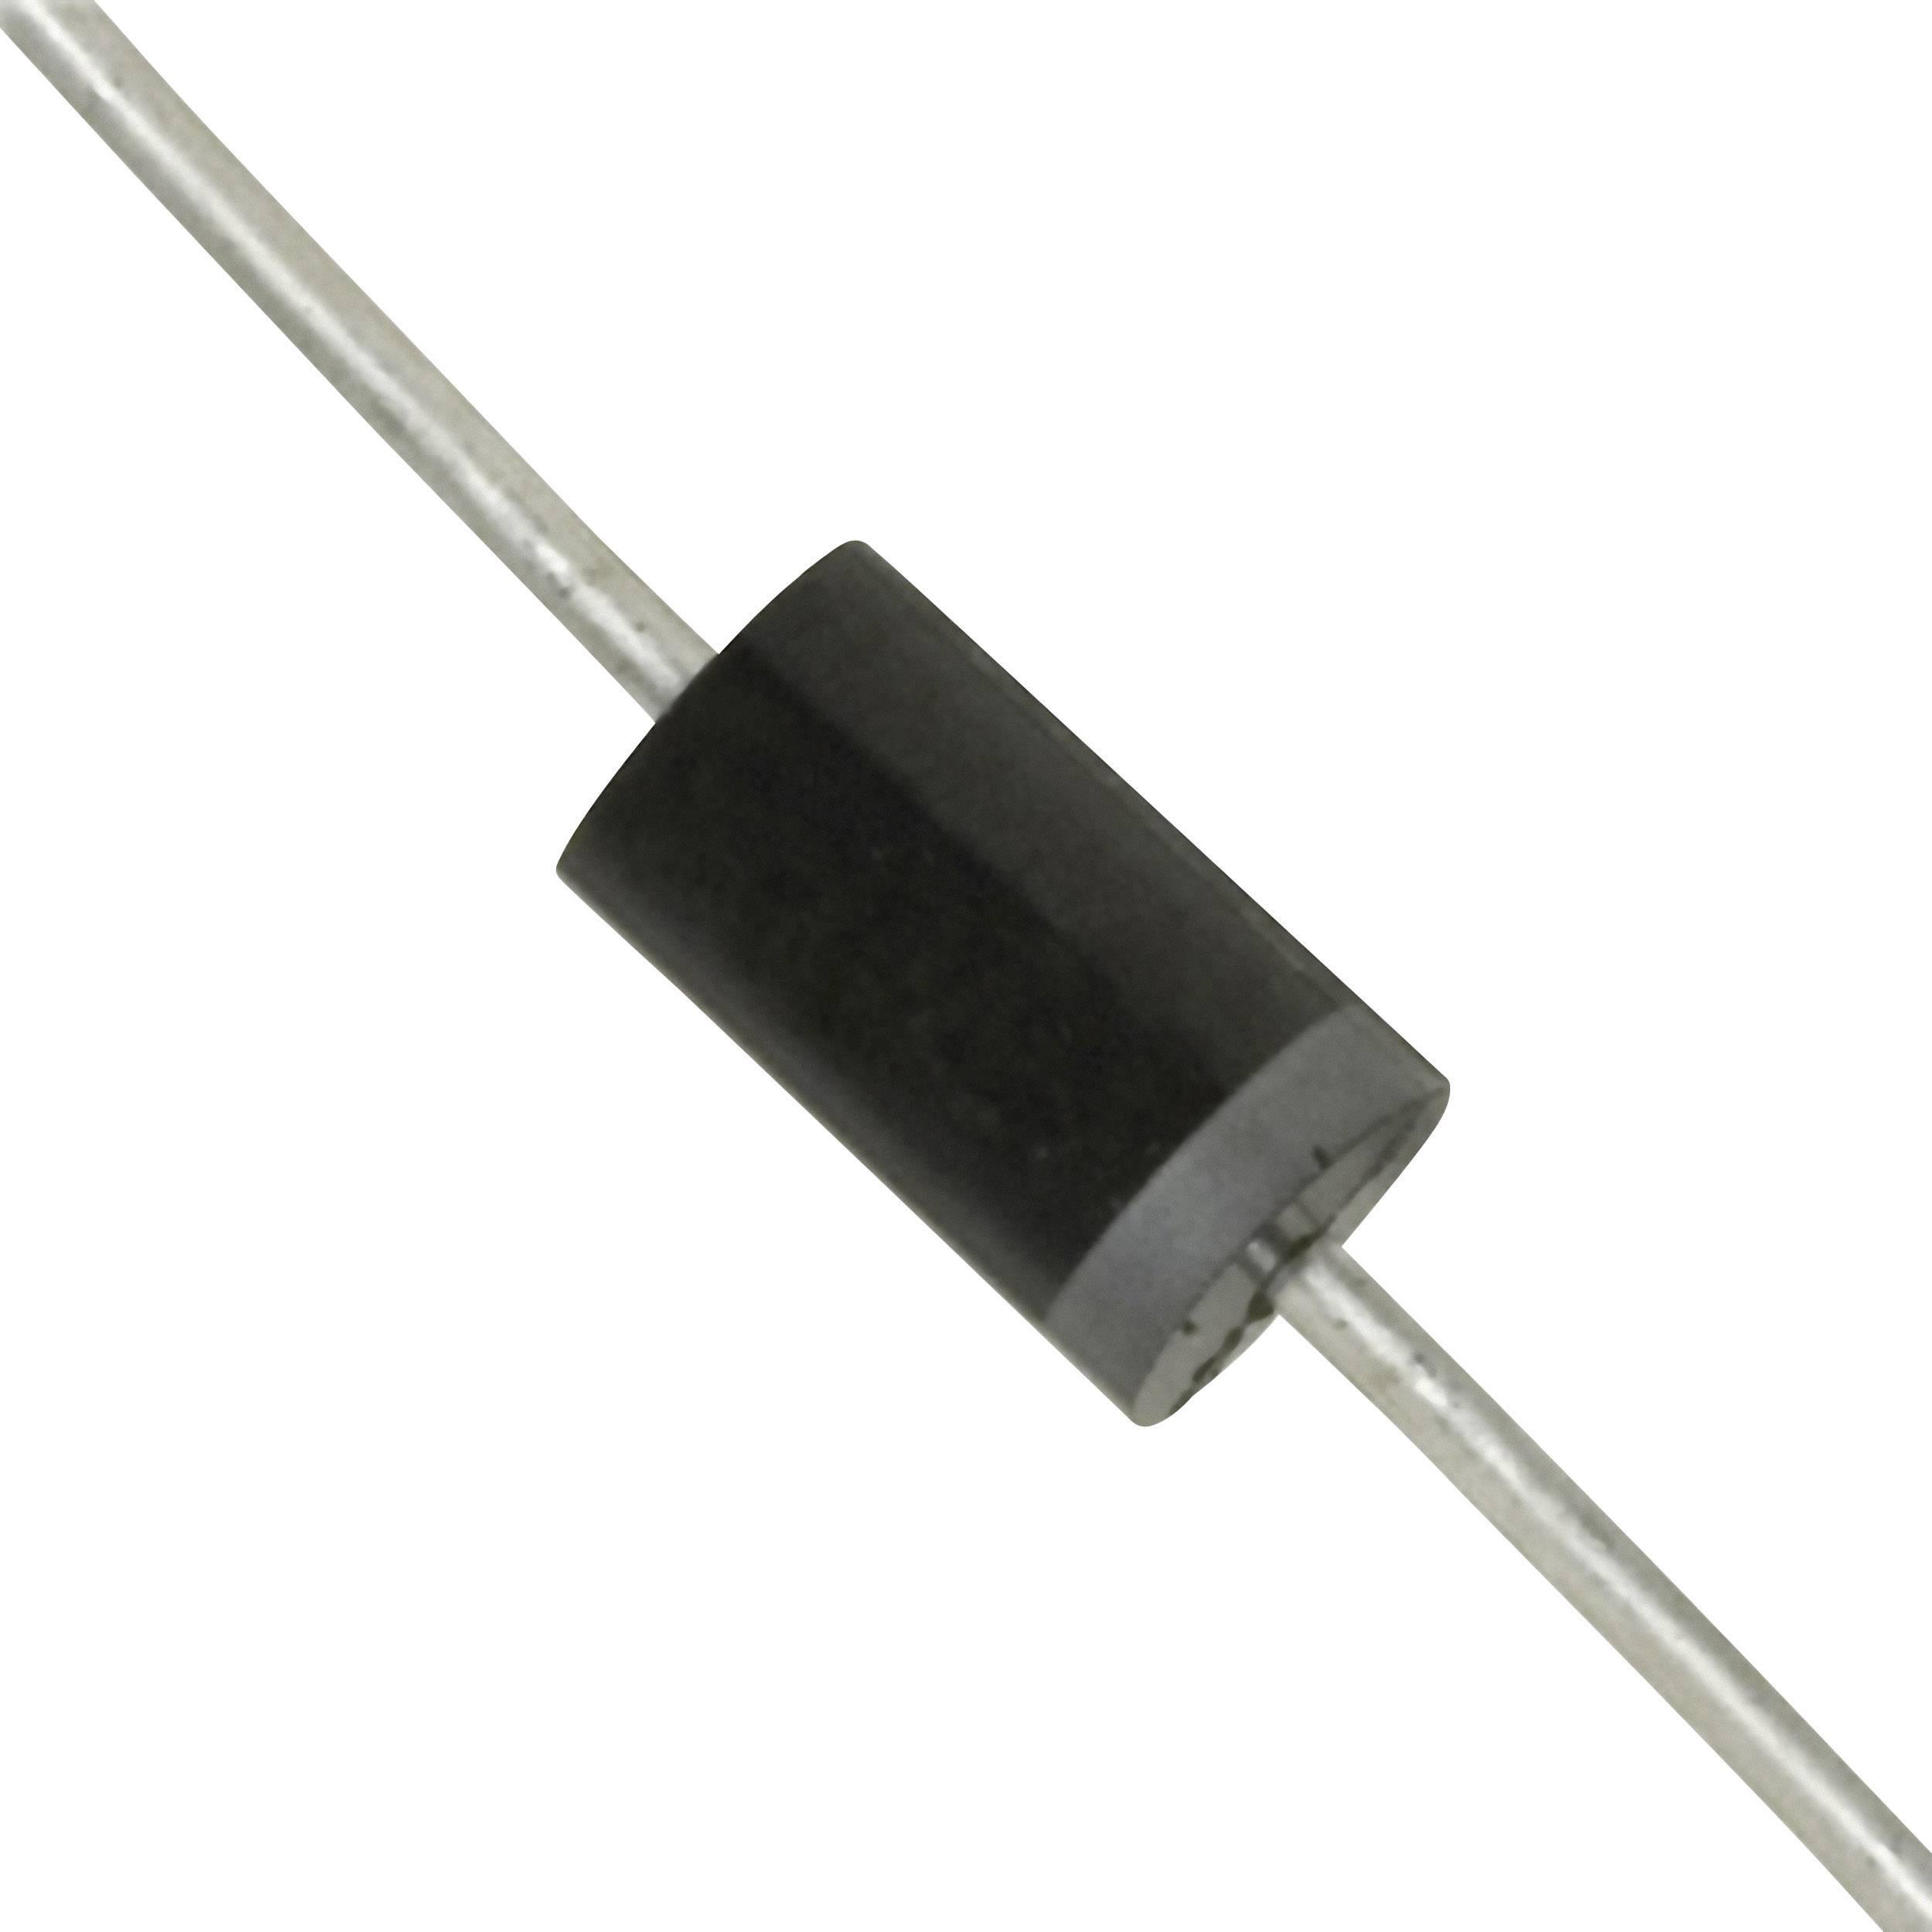 Zenerova dioda Diotec ZPD 8,2 V, 500 mW, DO 35 P